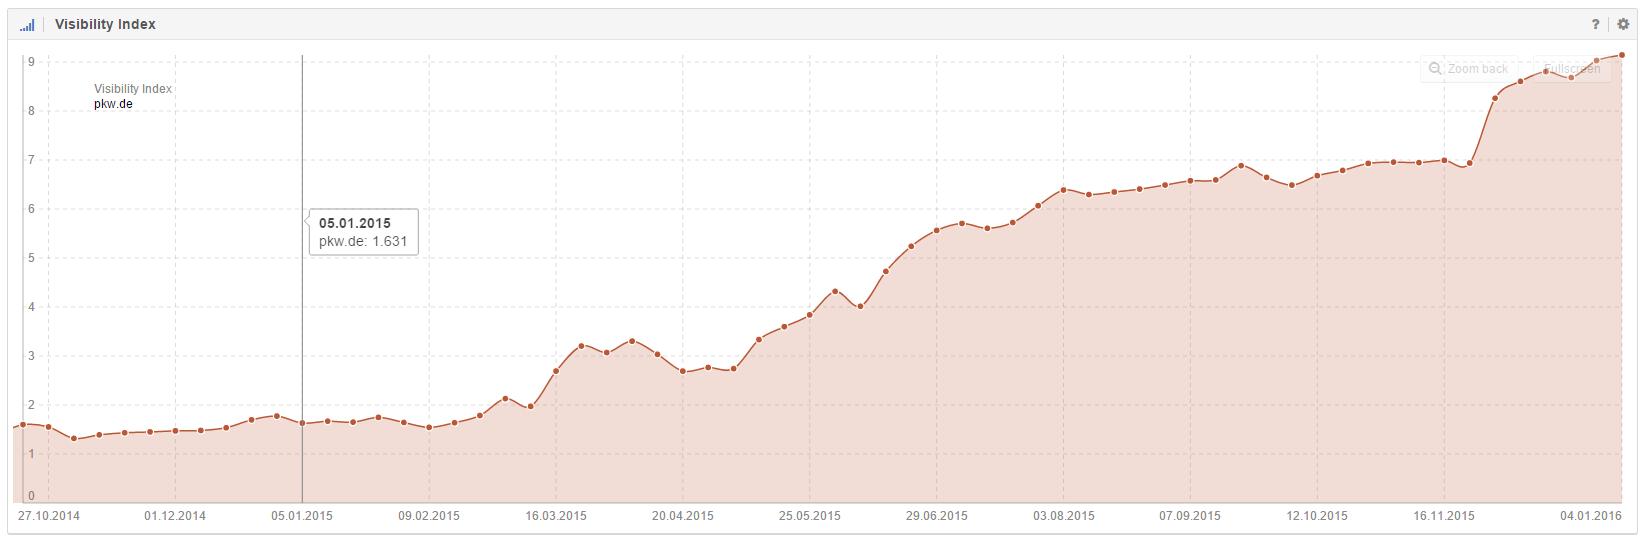 Zuwachs im Sichtbarkeitsindex der Domain pkw.de im Detail